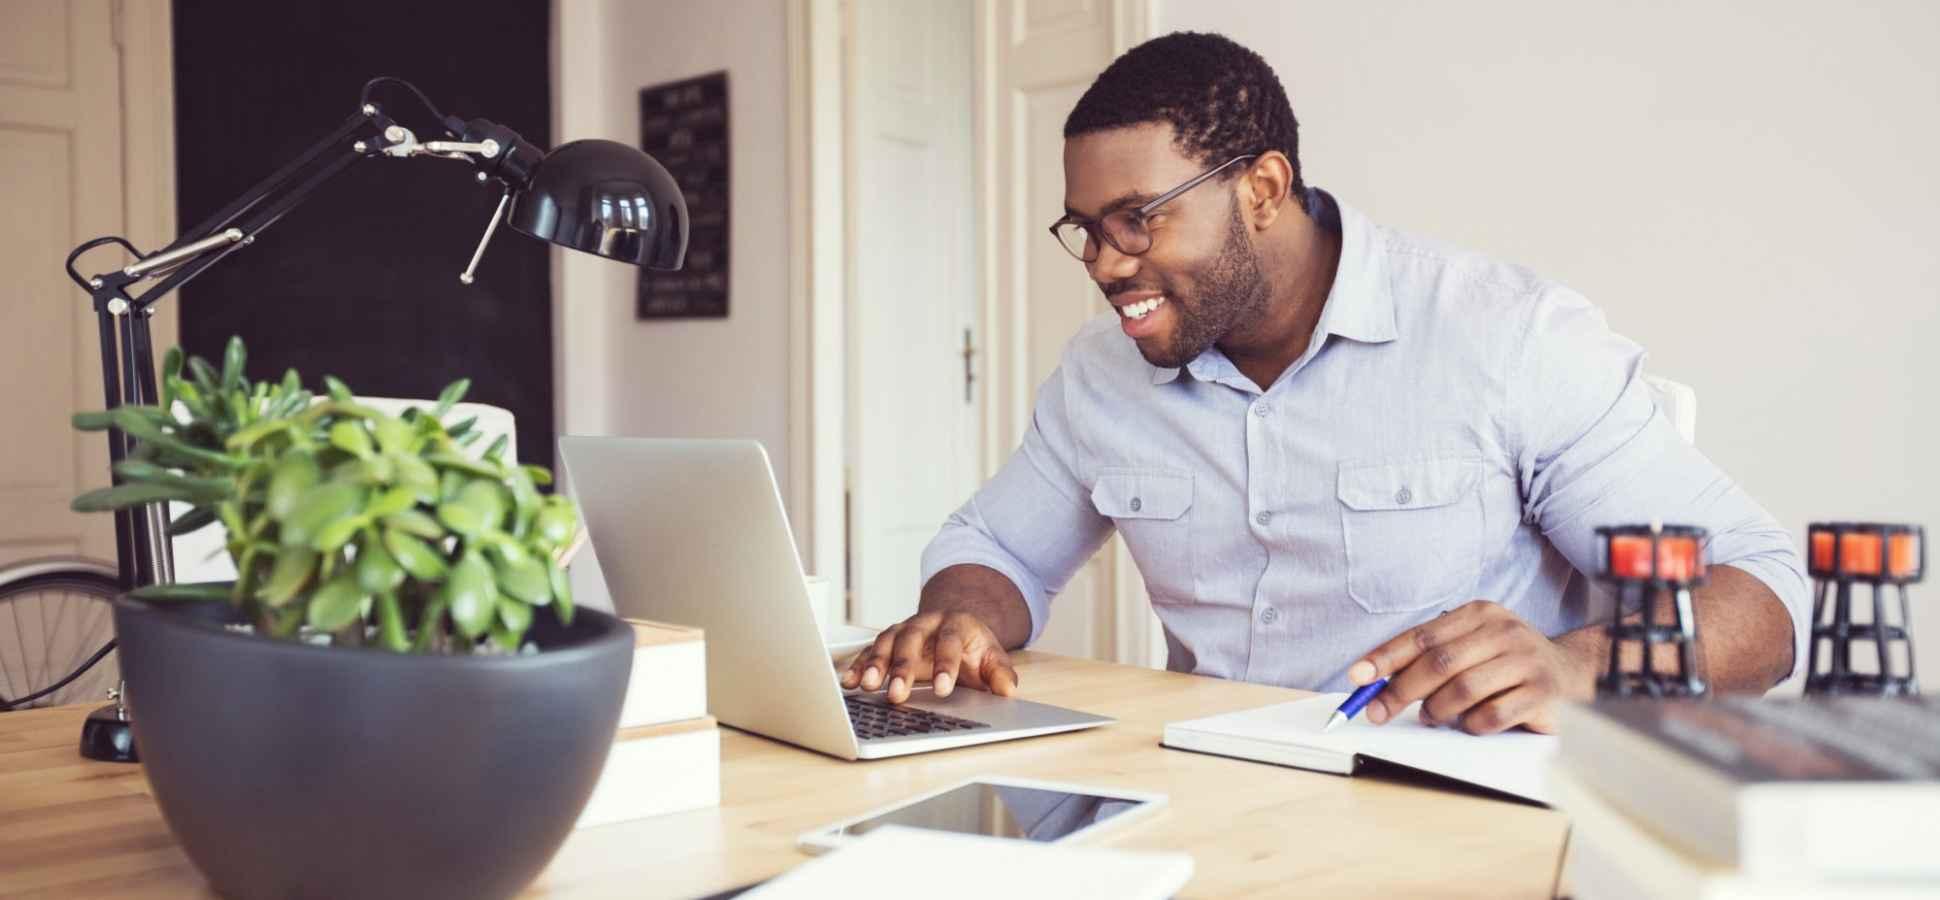 Evden Verimli Bir Şekilde Çalışmak İçin Uygulayabileceğiniz 3 Basit Öneri